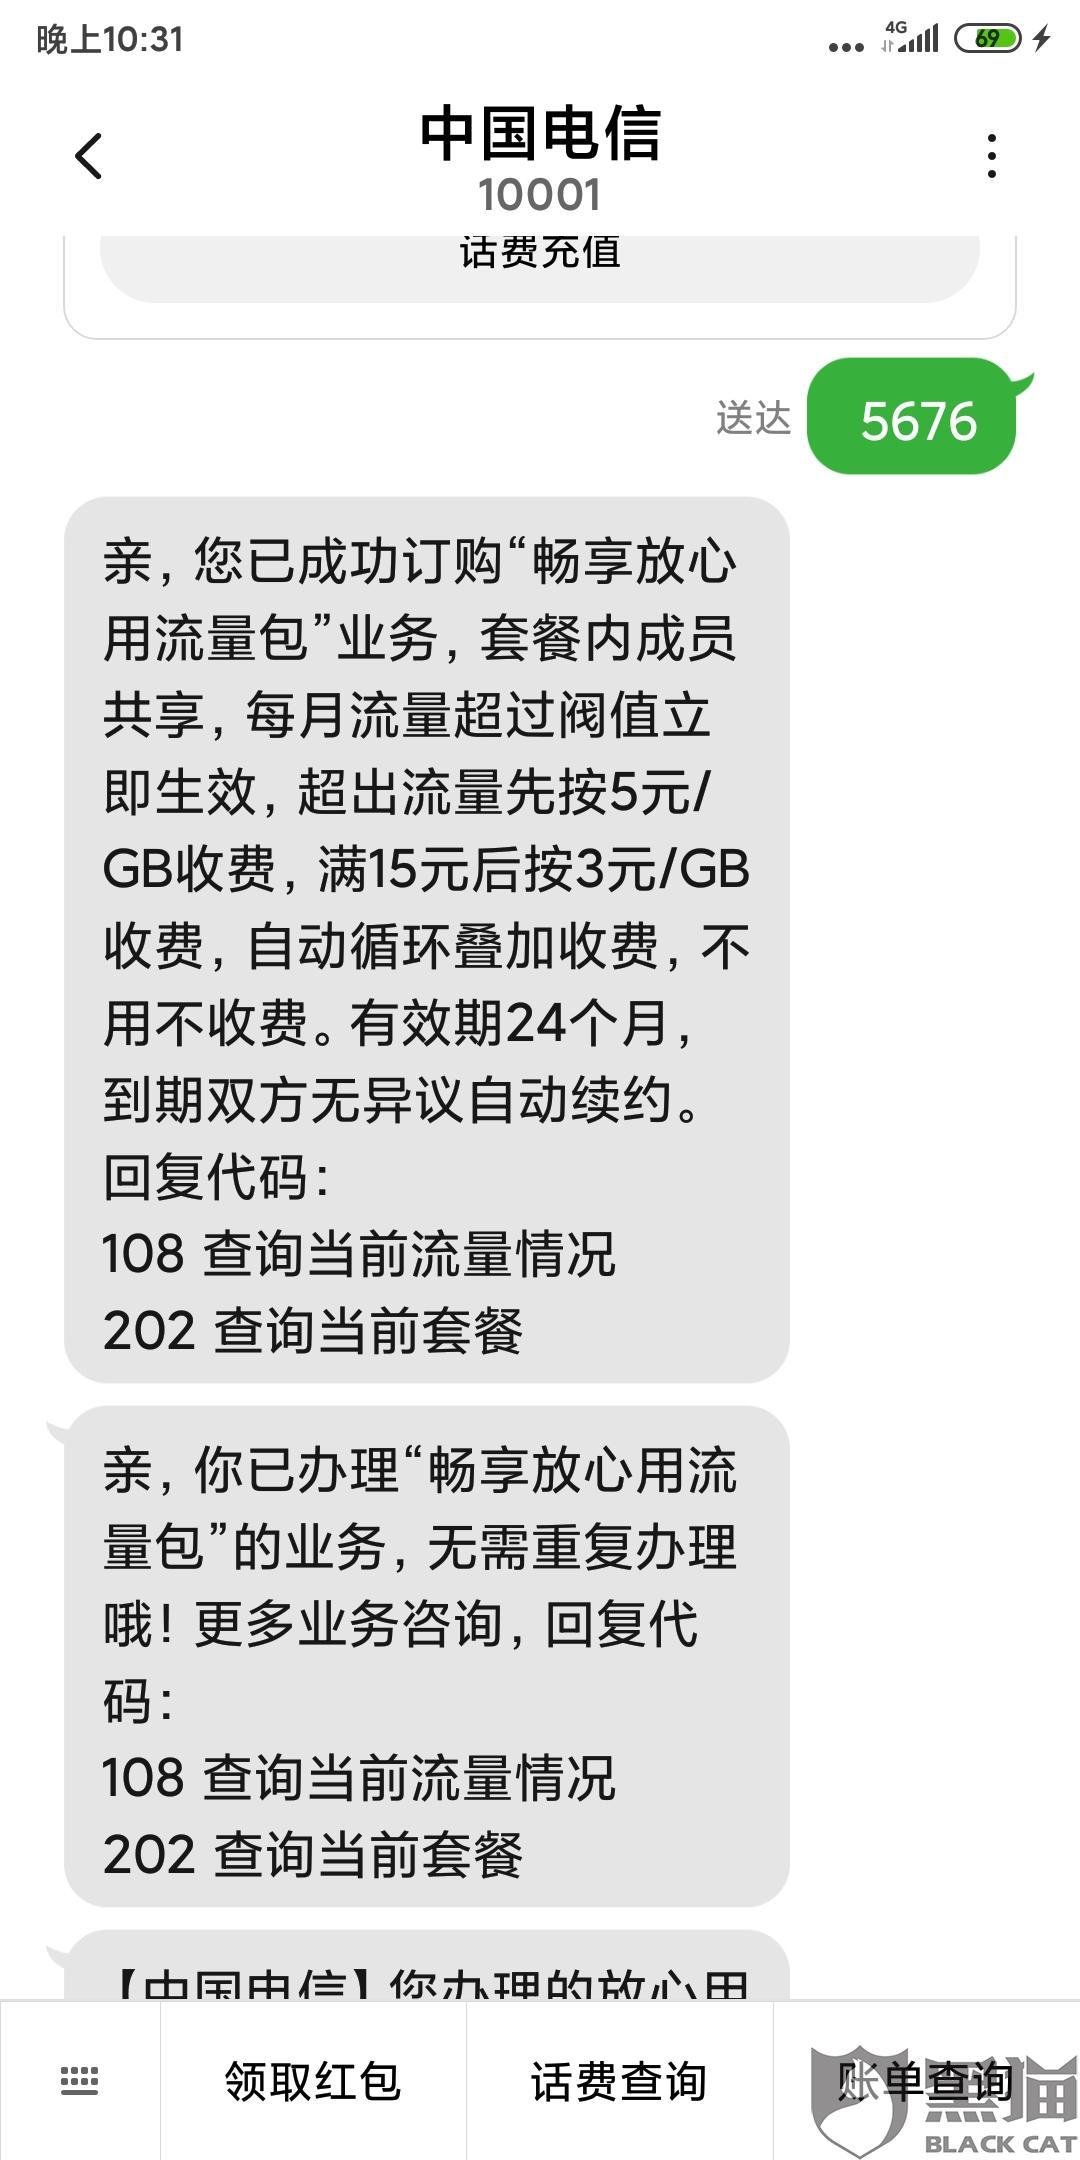 黑猫投诉:中国电信有一个放心用流量包退订不了。